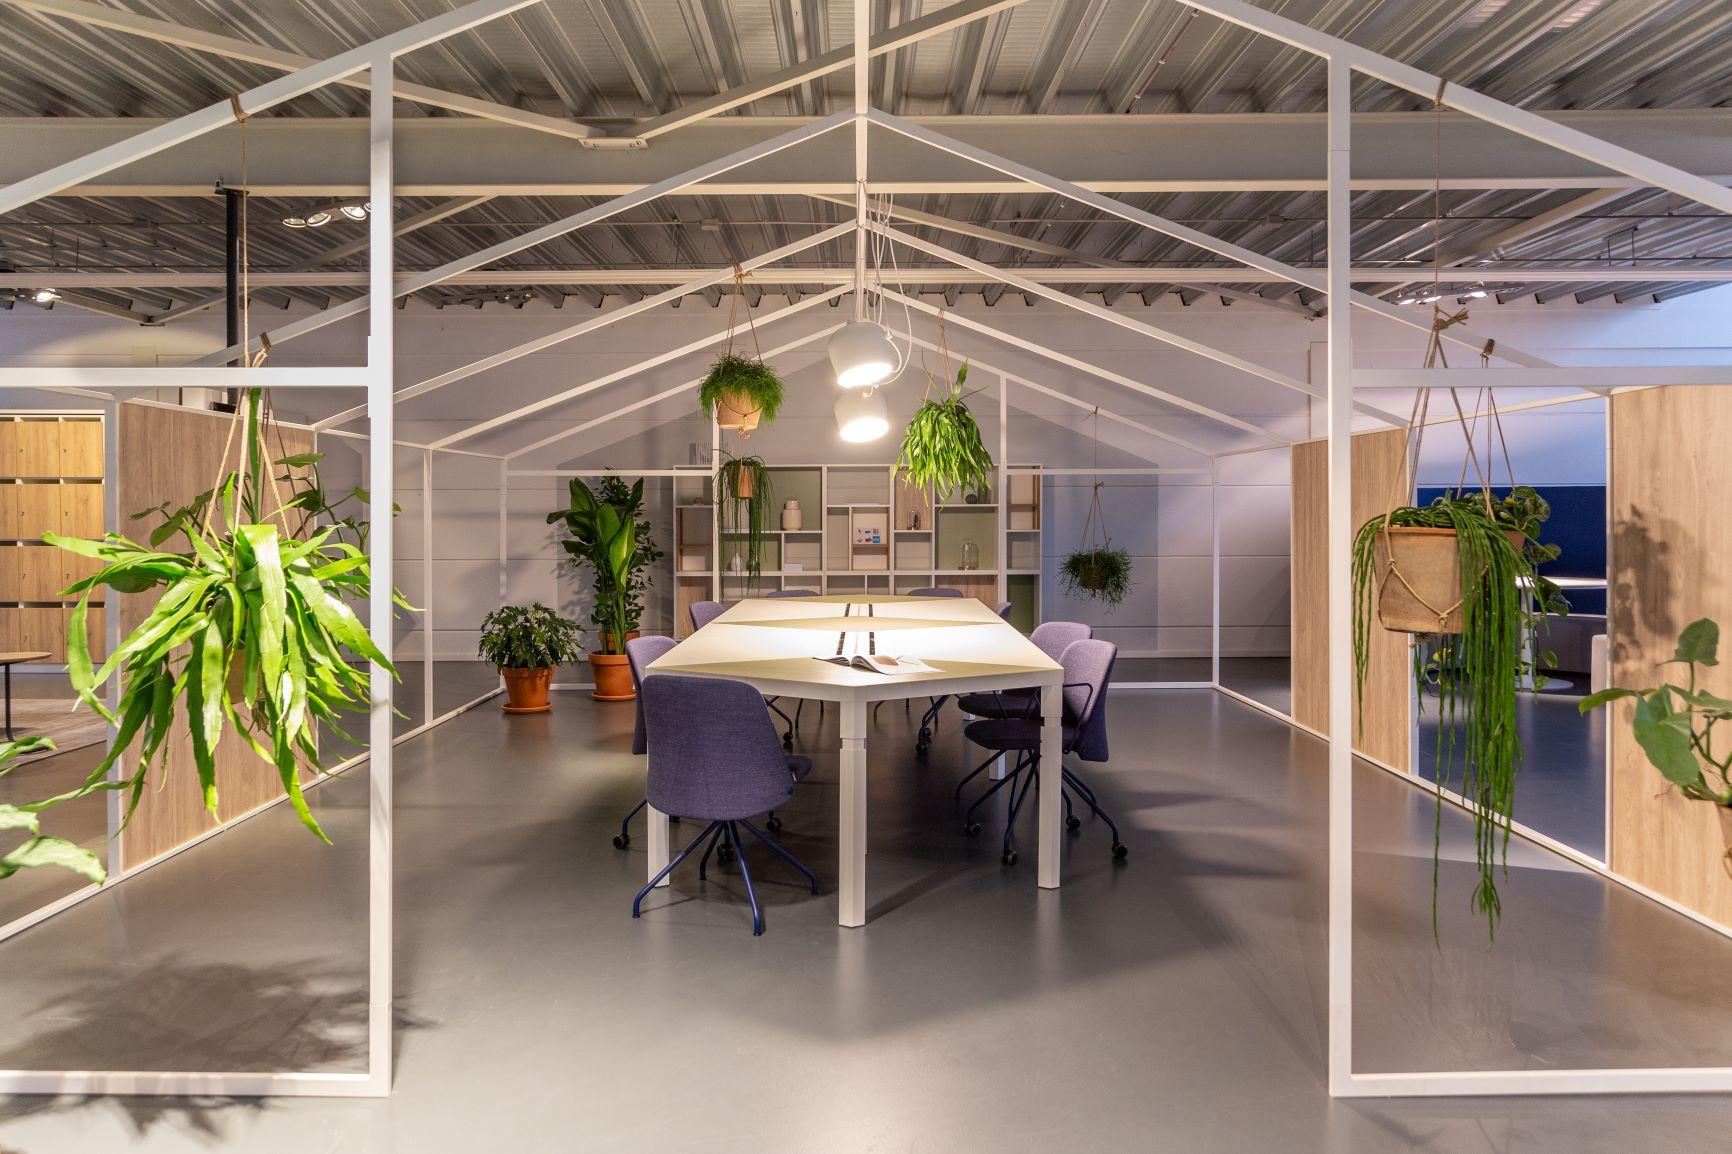 Espace de réunion sous une structure métallique